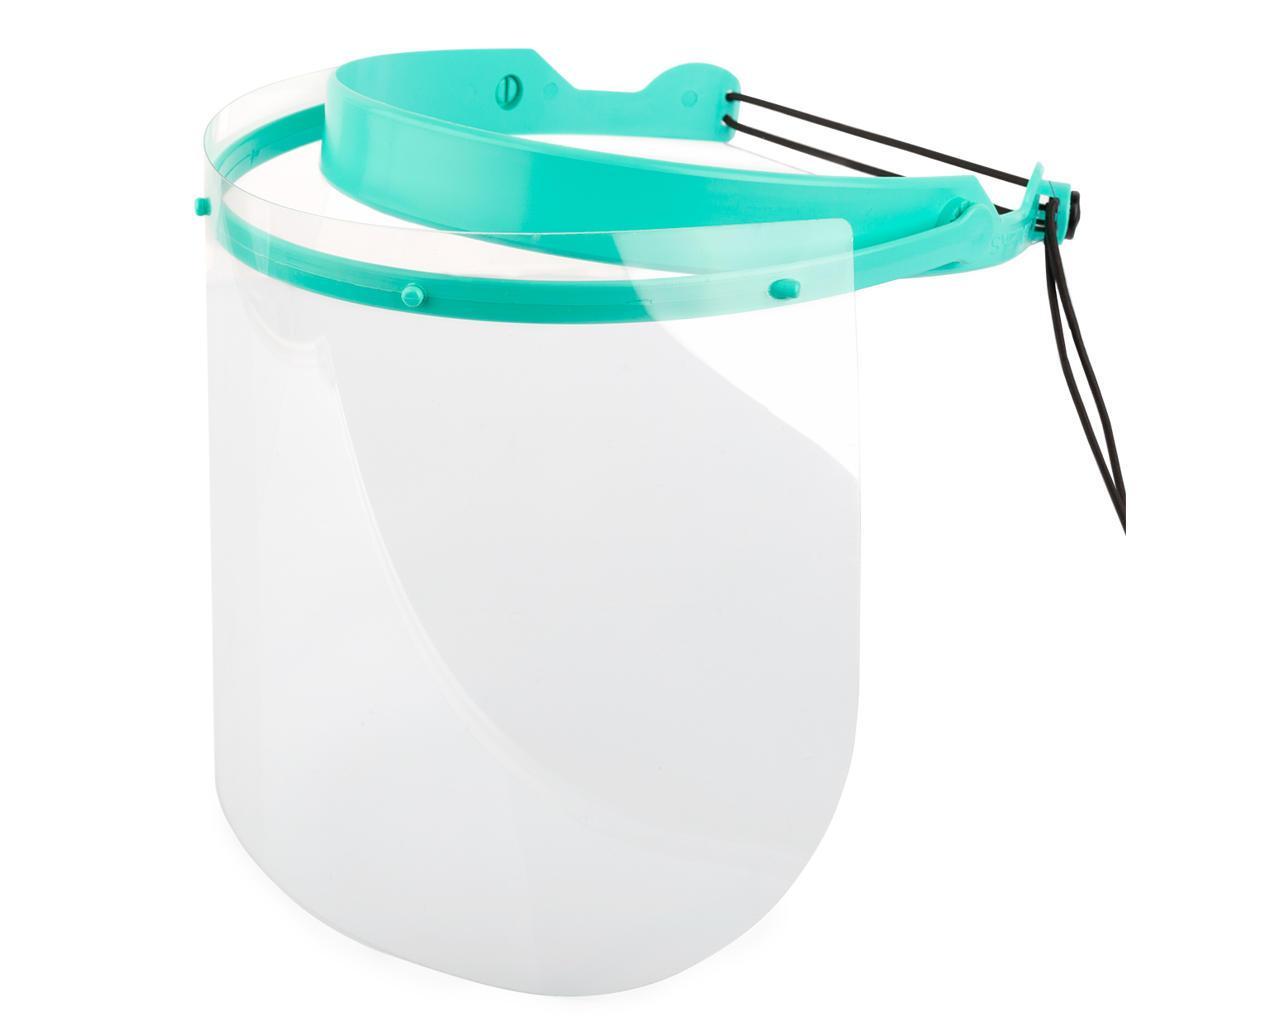 Щиток защитный НБТ Stalex (толщина 1 мм) наголовник резинка